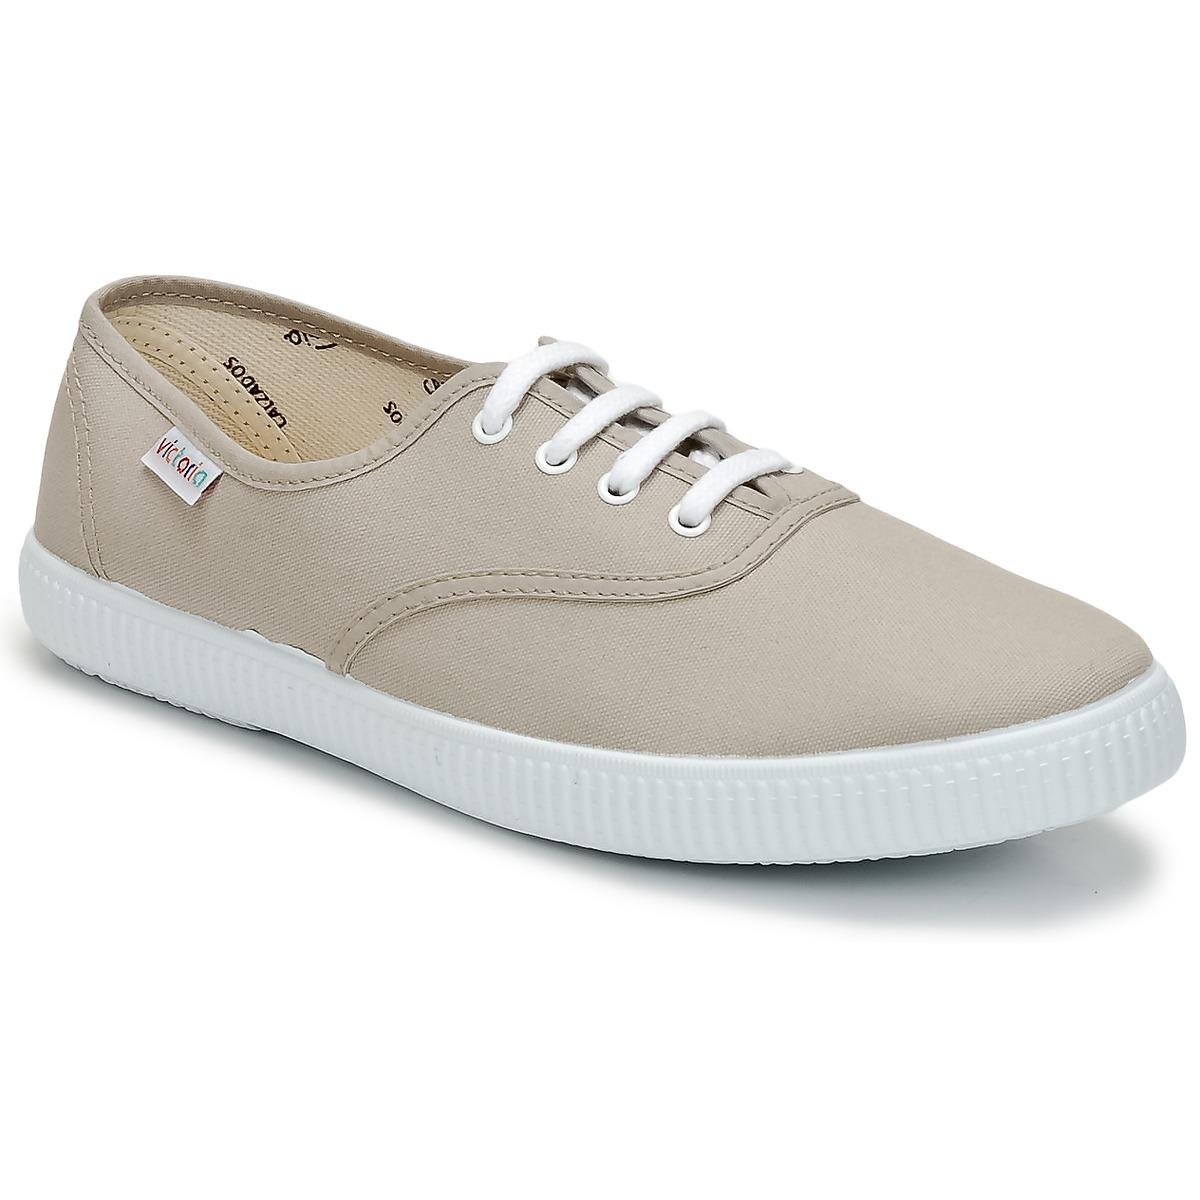 Victoria INGLESA LONA Beige - Kostenloser Versand bei Spartoode ! - Schuhe Sneaker Low  26,10 €